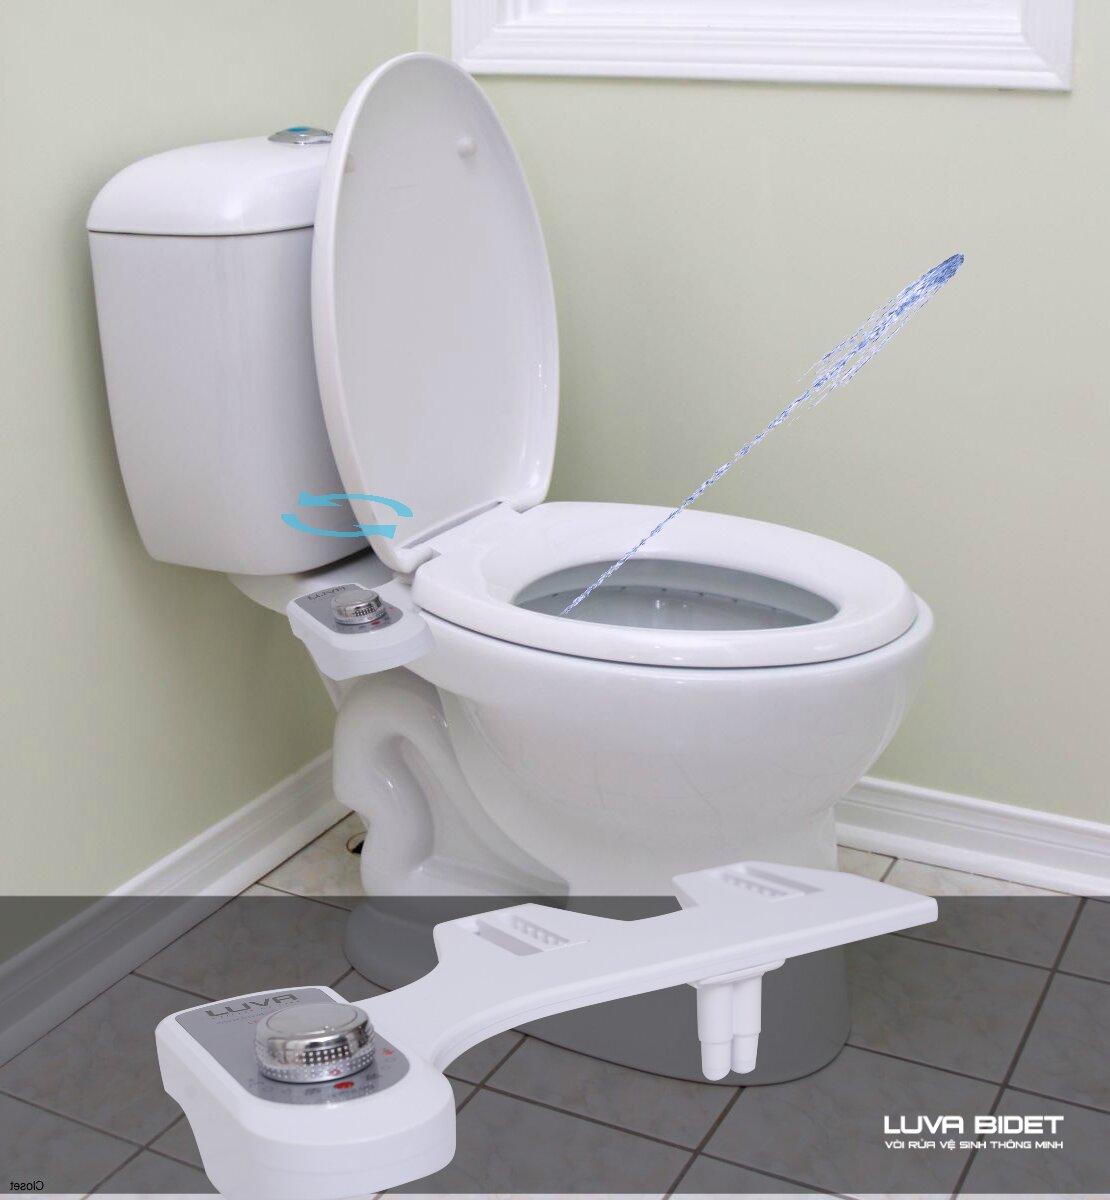 Thiết bị vòi rửa vệ sinh thông minh LUVA Bidet LB101